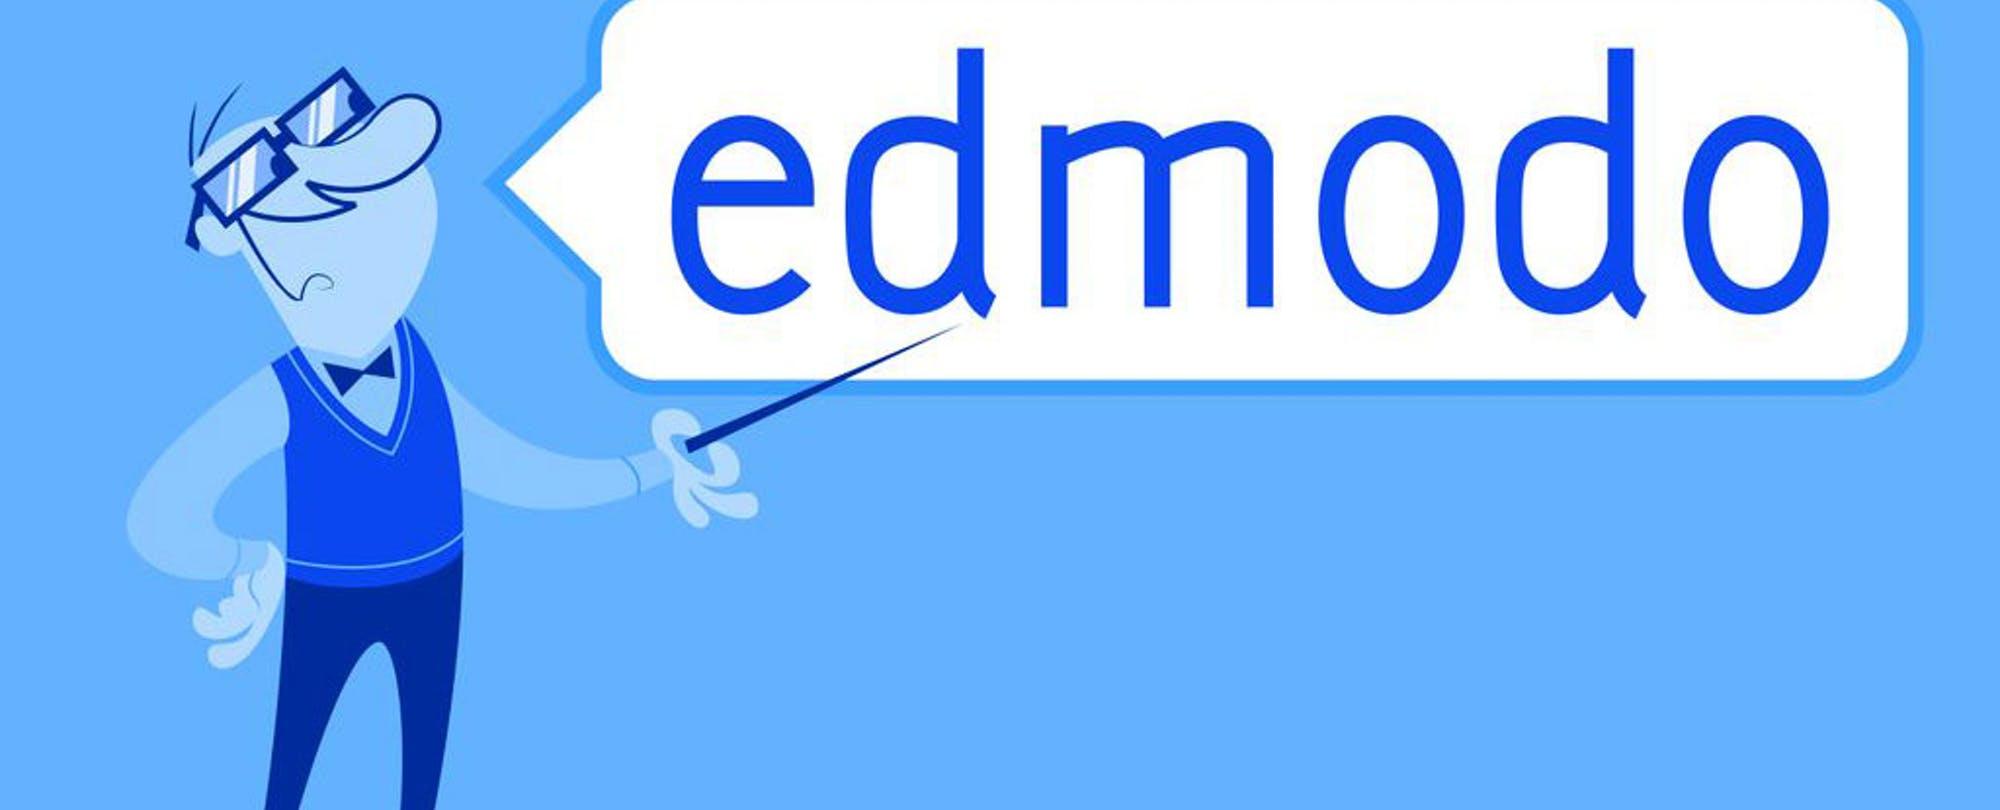 Khóa học sử dụng Edmodo để dạy và học hiện đại để thành công